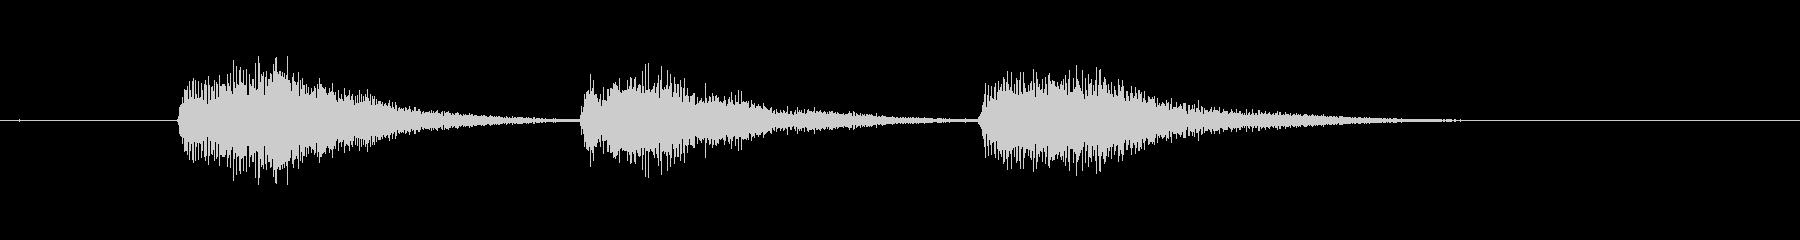 ゲーム等、開始前カウント(3-2-1)Eの未再生の波形